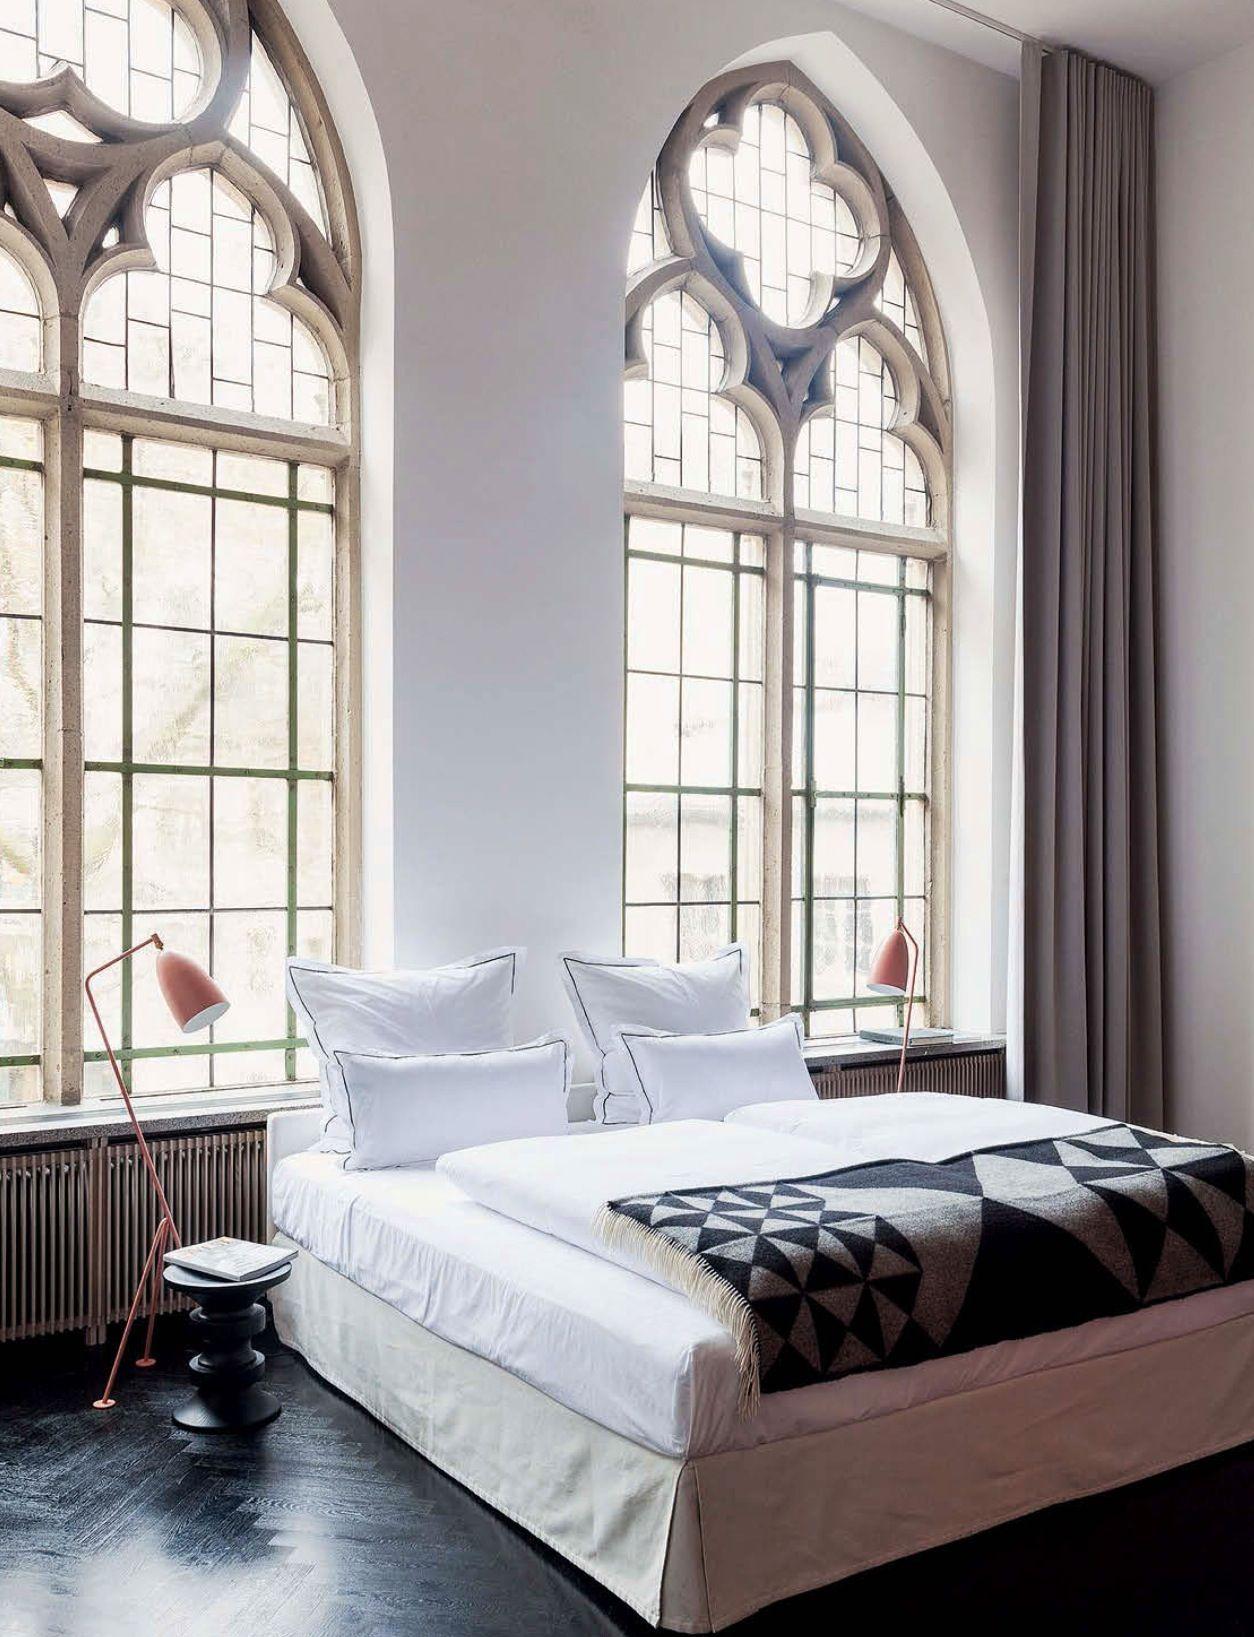 Schlafzimmer Köln bedroom qvest hotel köln dormitorio schlafzimmer bedroom